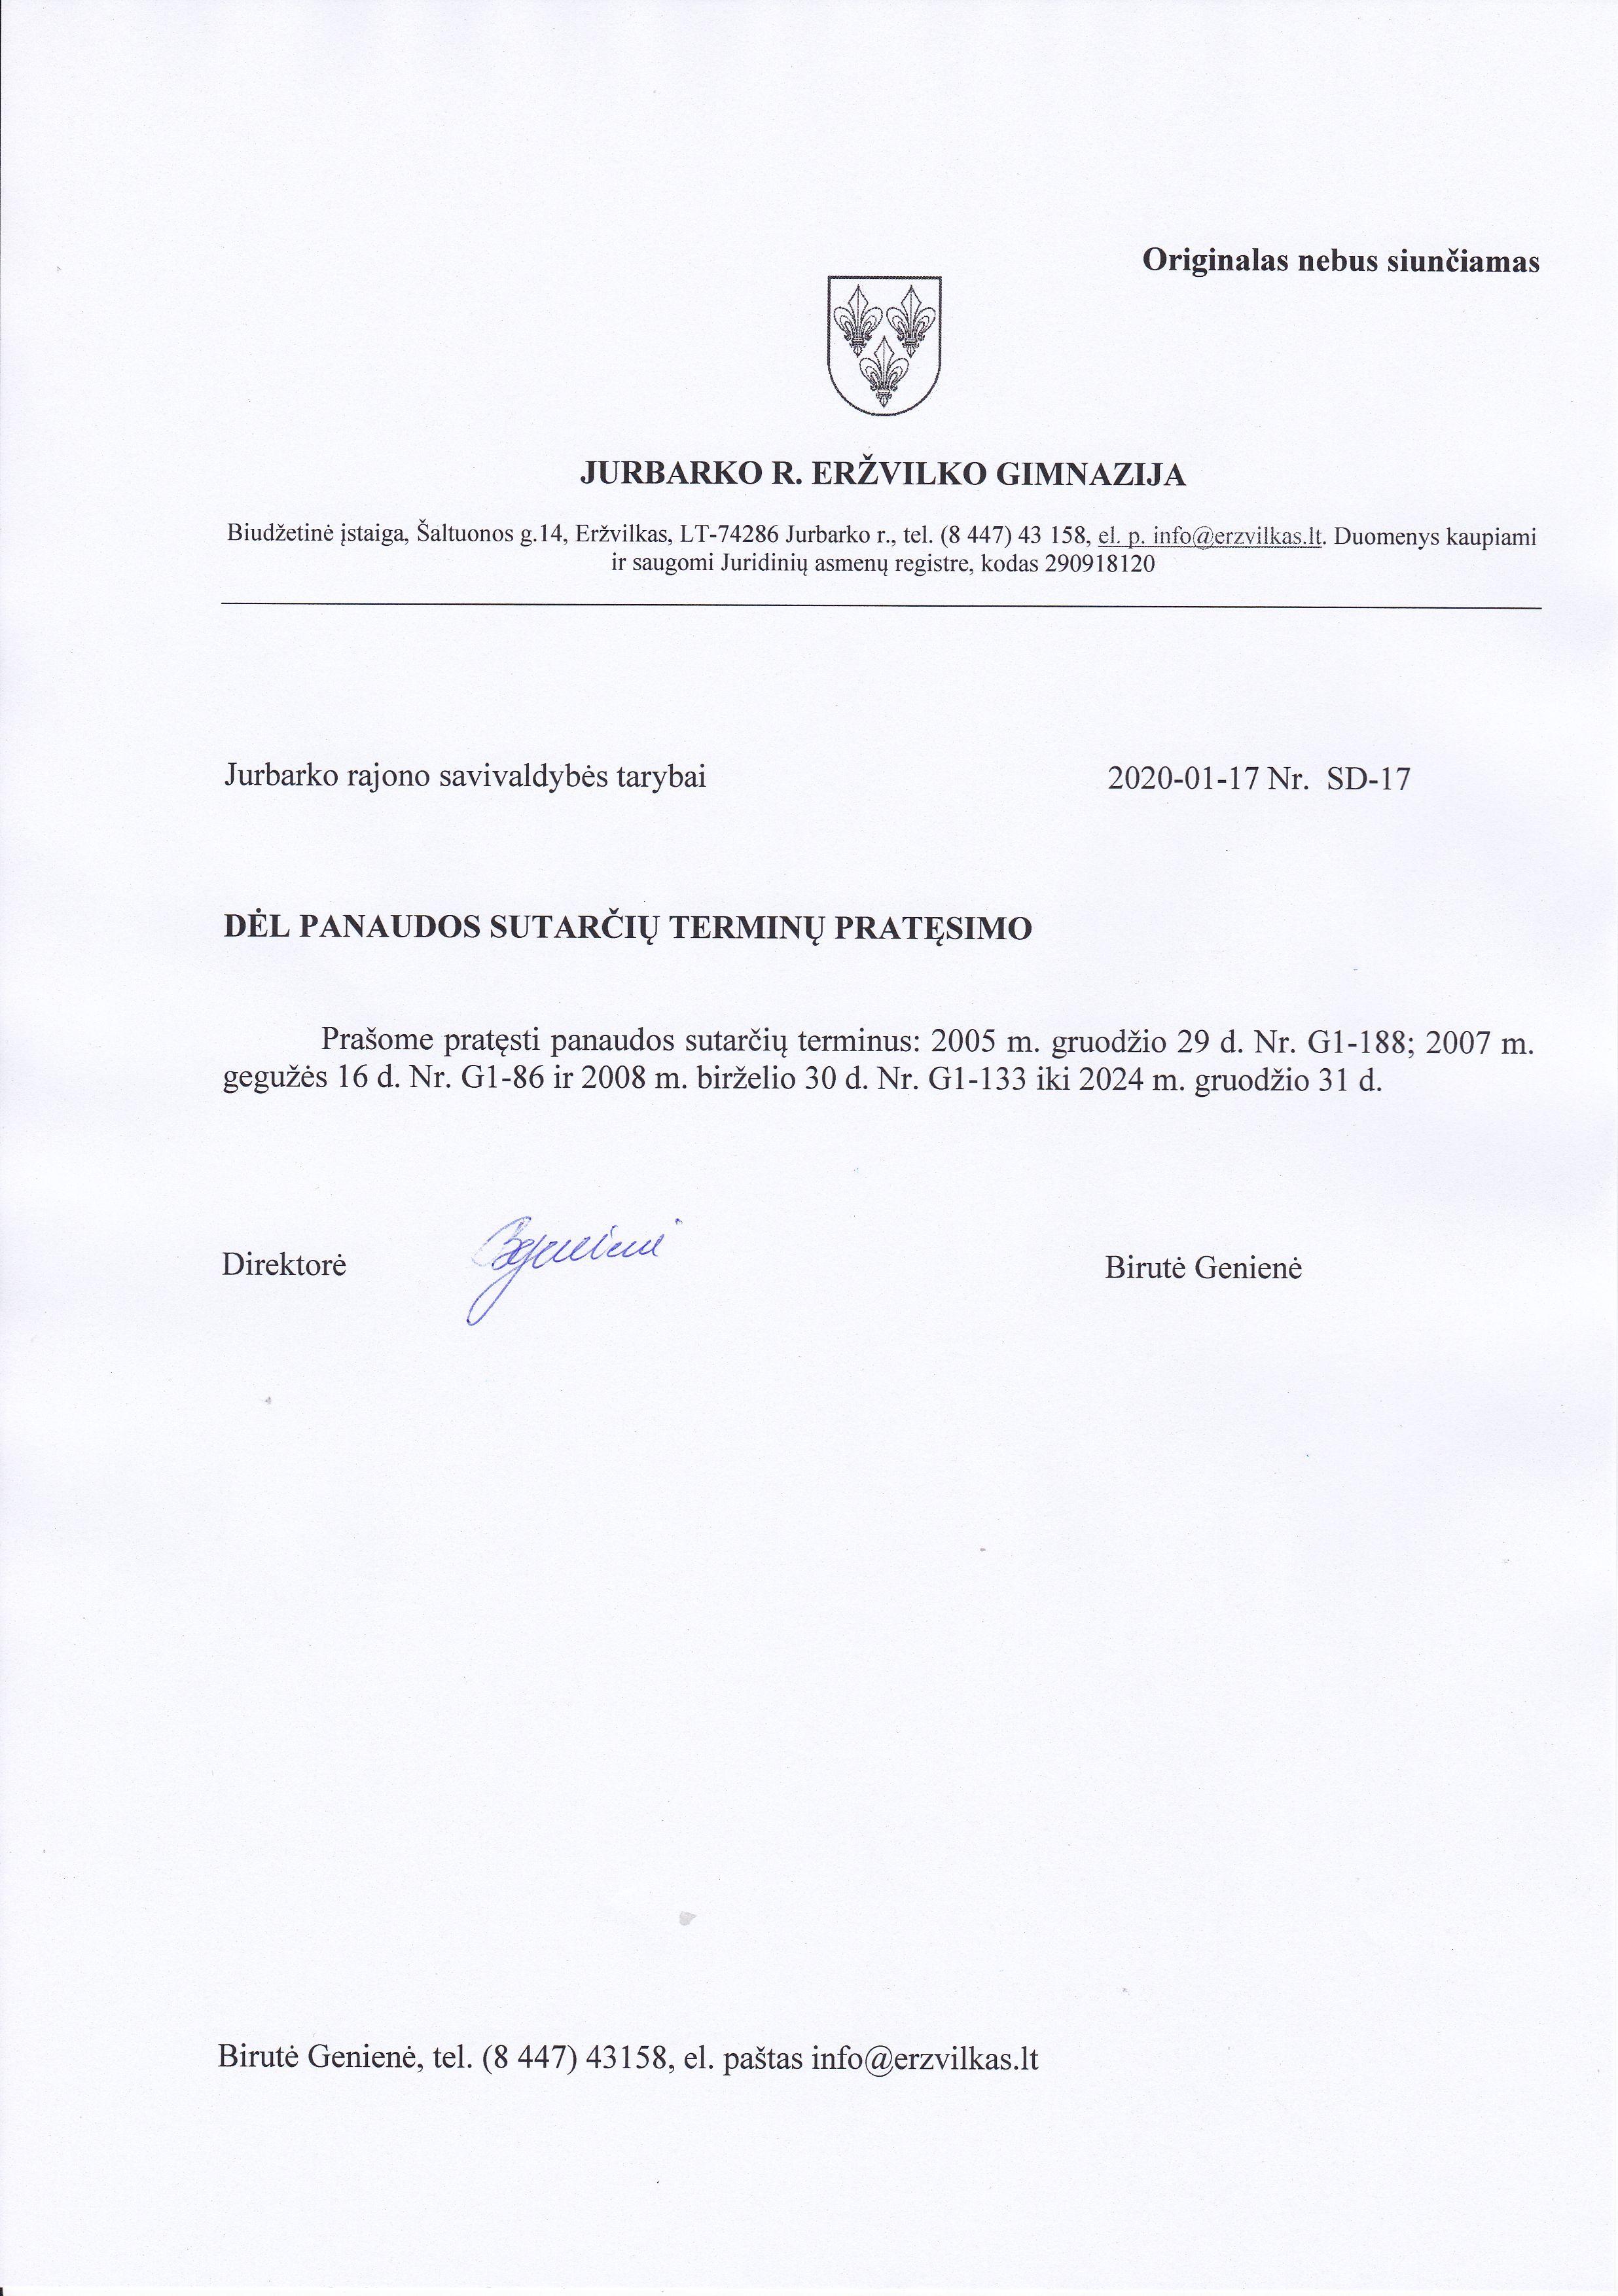 168_rastastarybai-erzvilko-gimnazija-del-panaudos.jpg